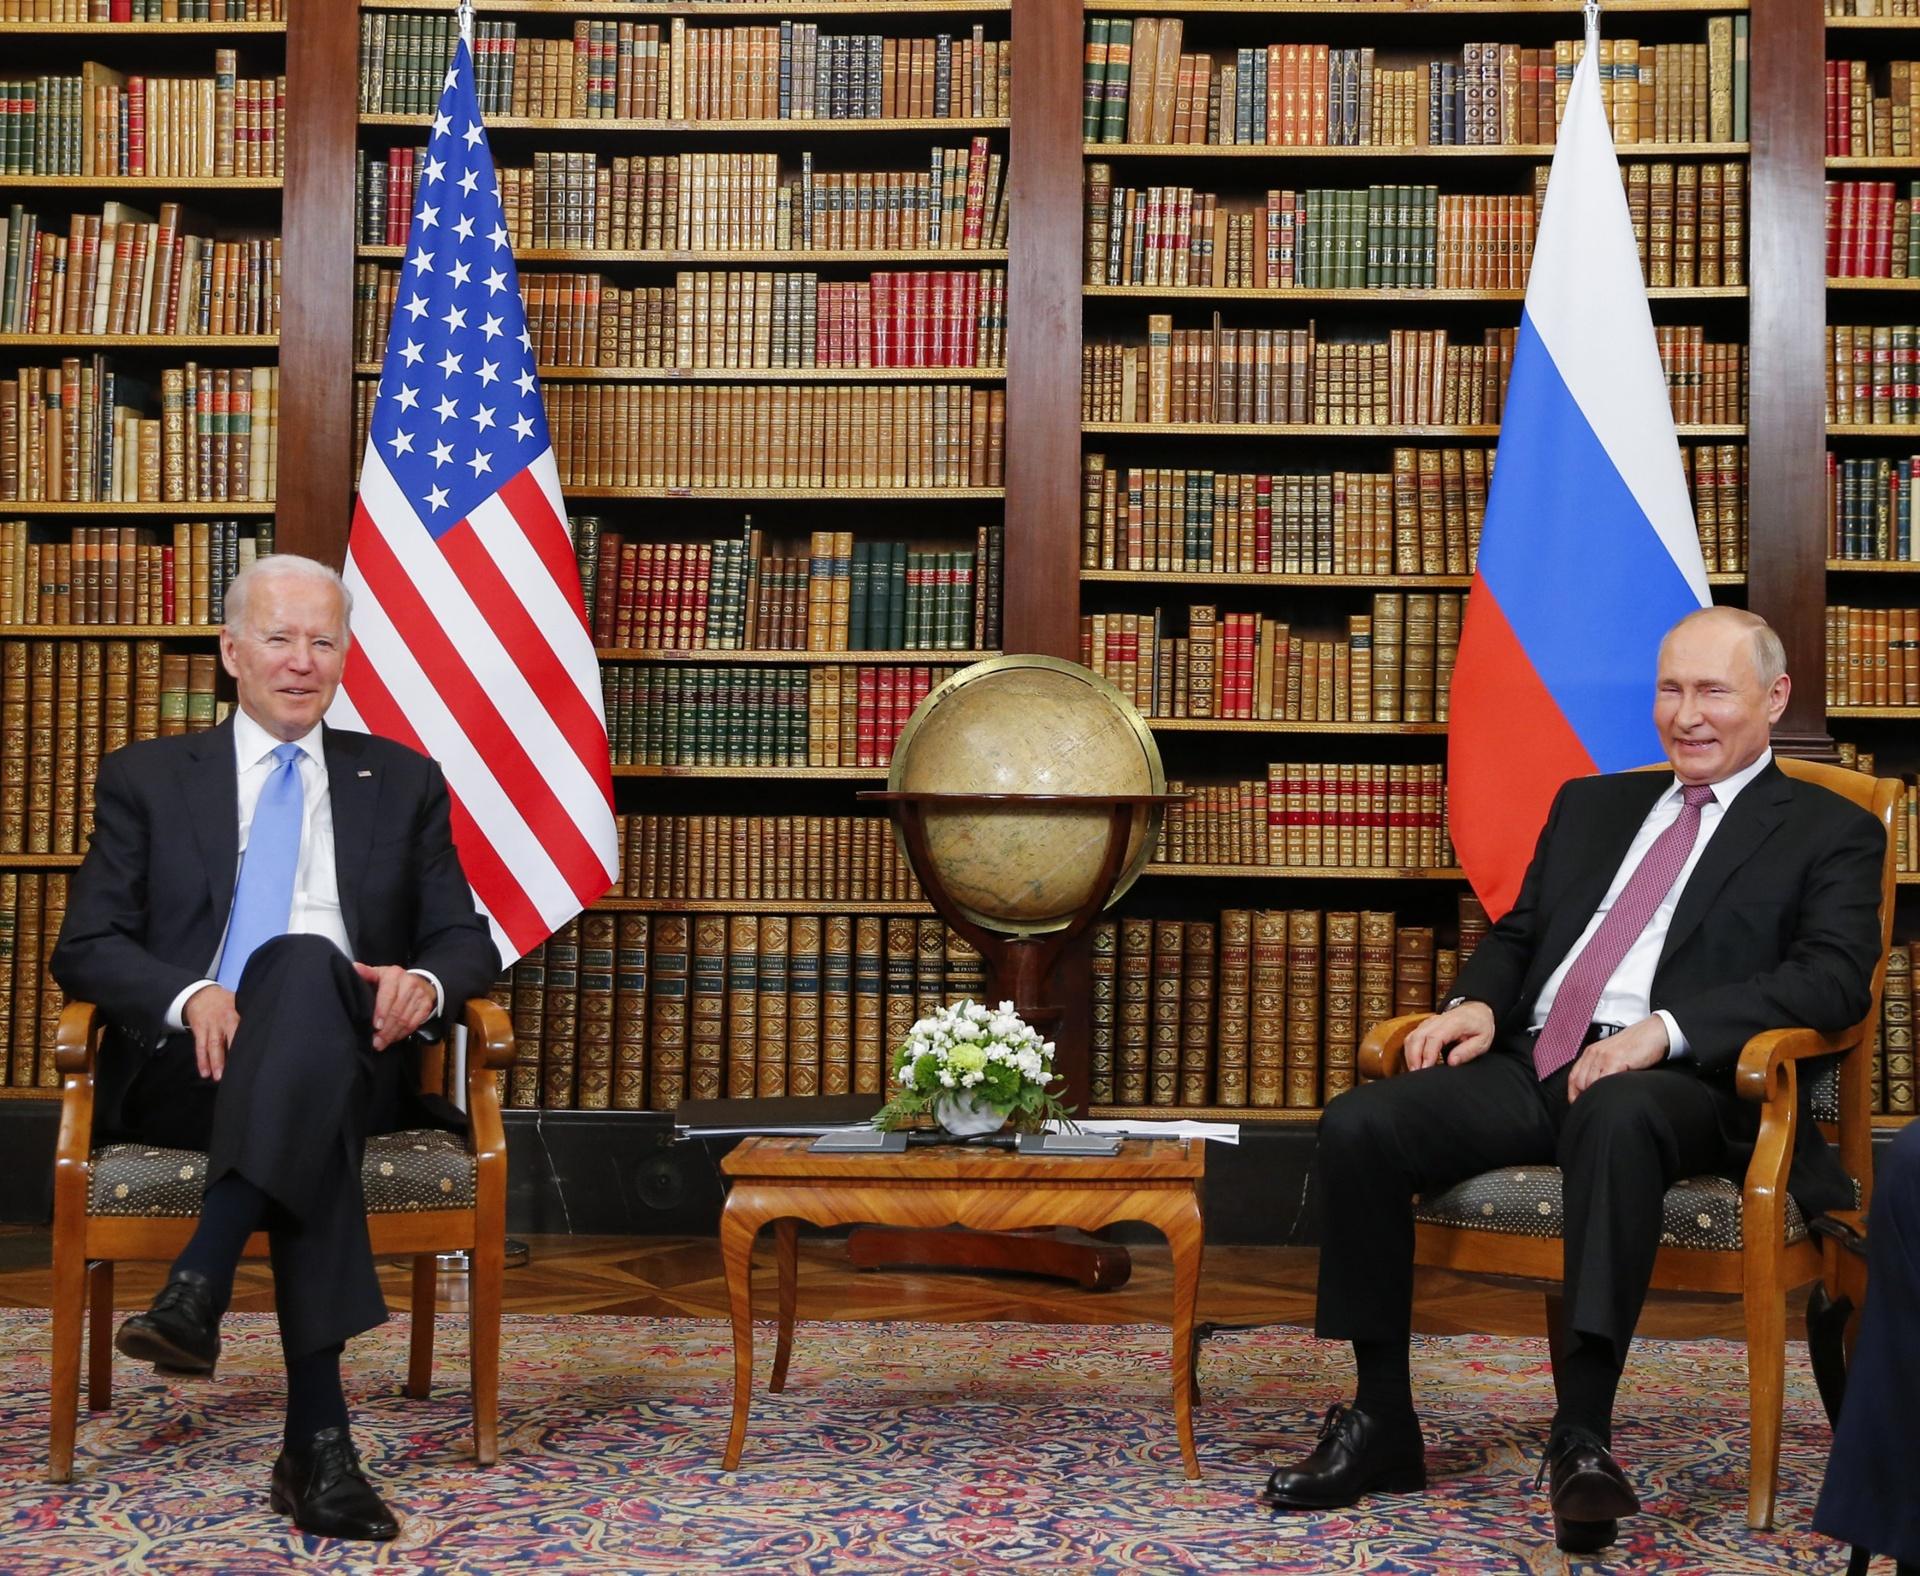 Thu vien lich su don Biden - Putin anh 6